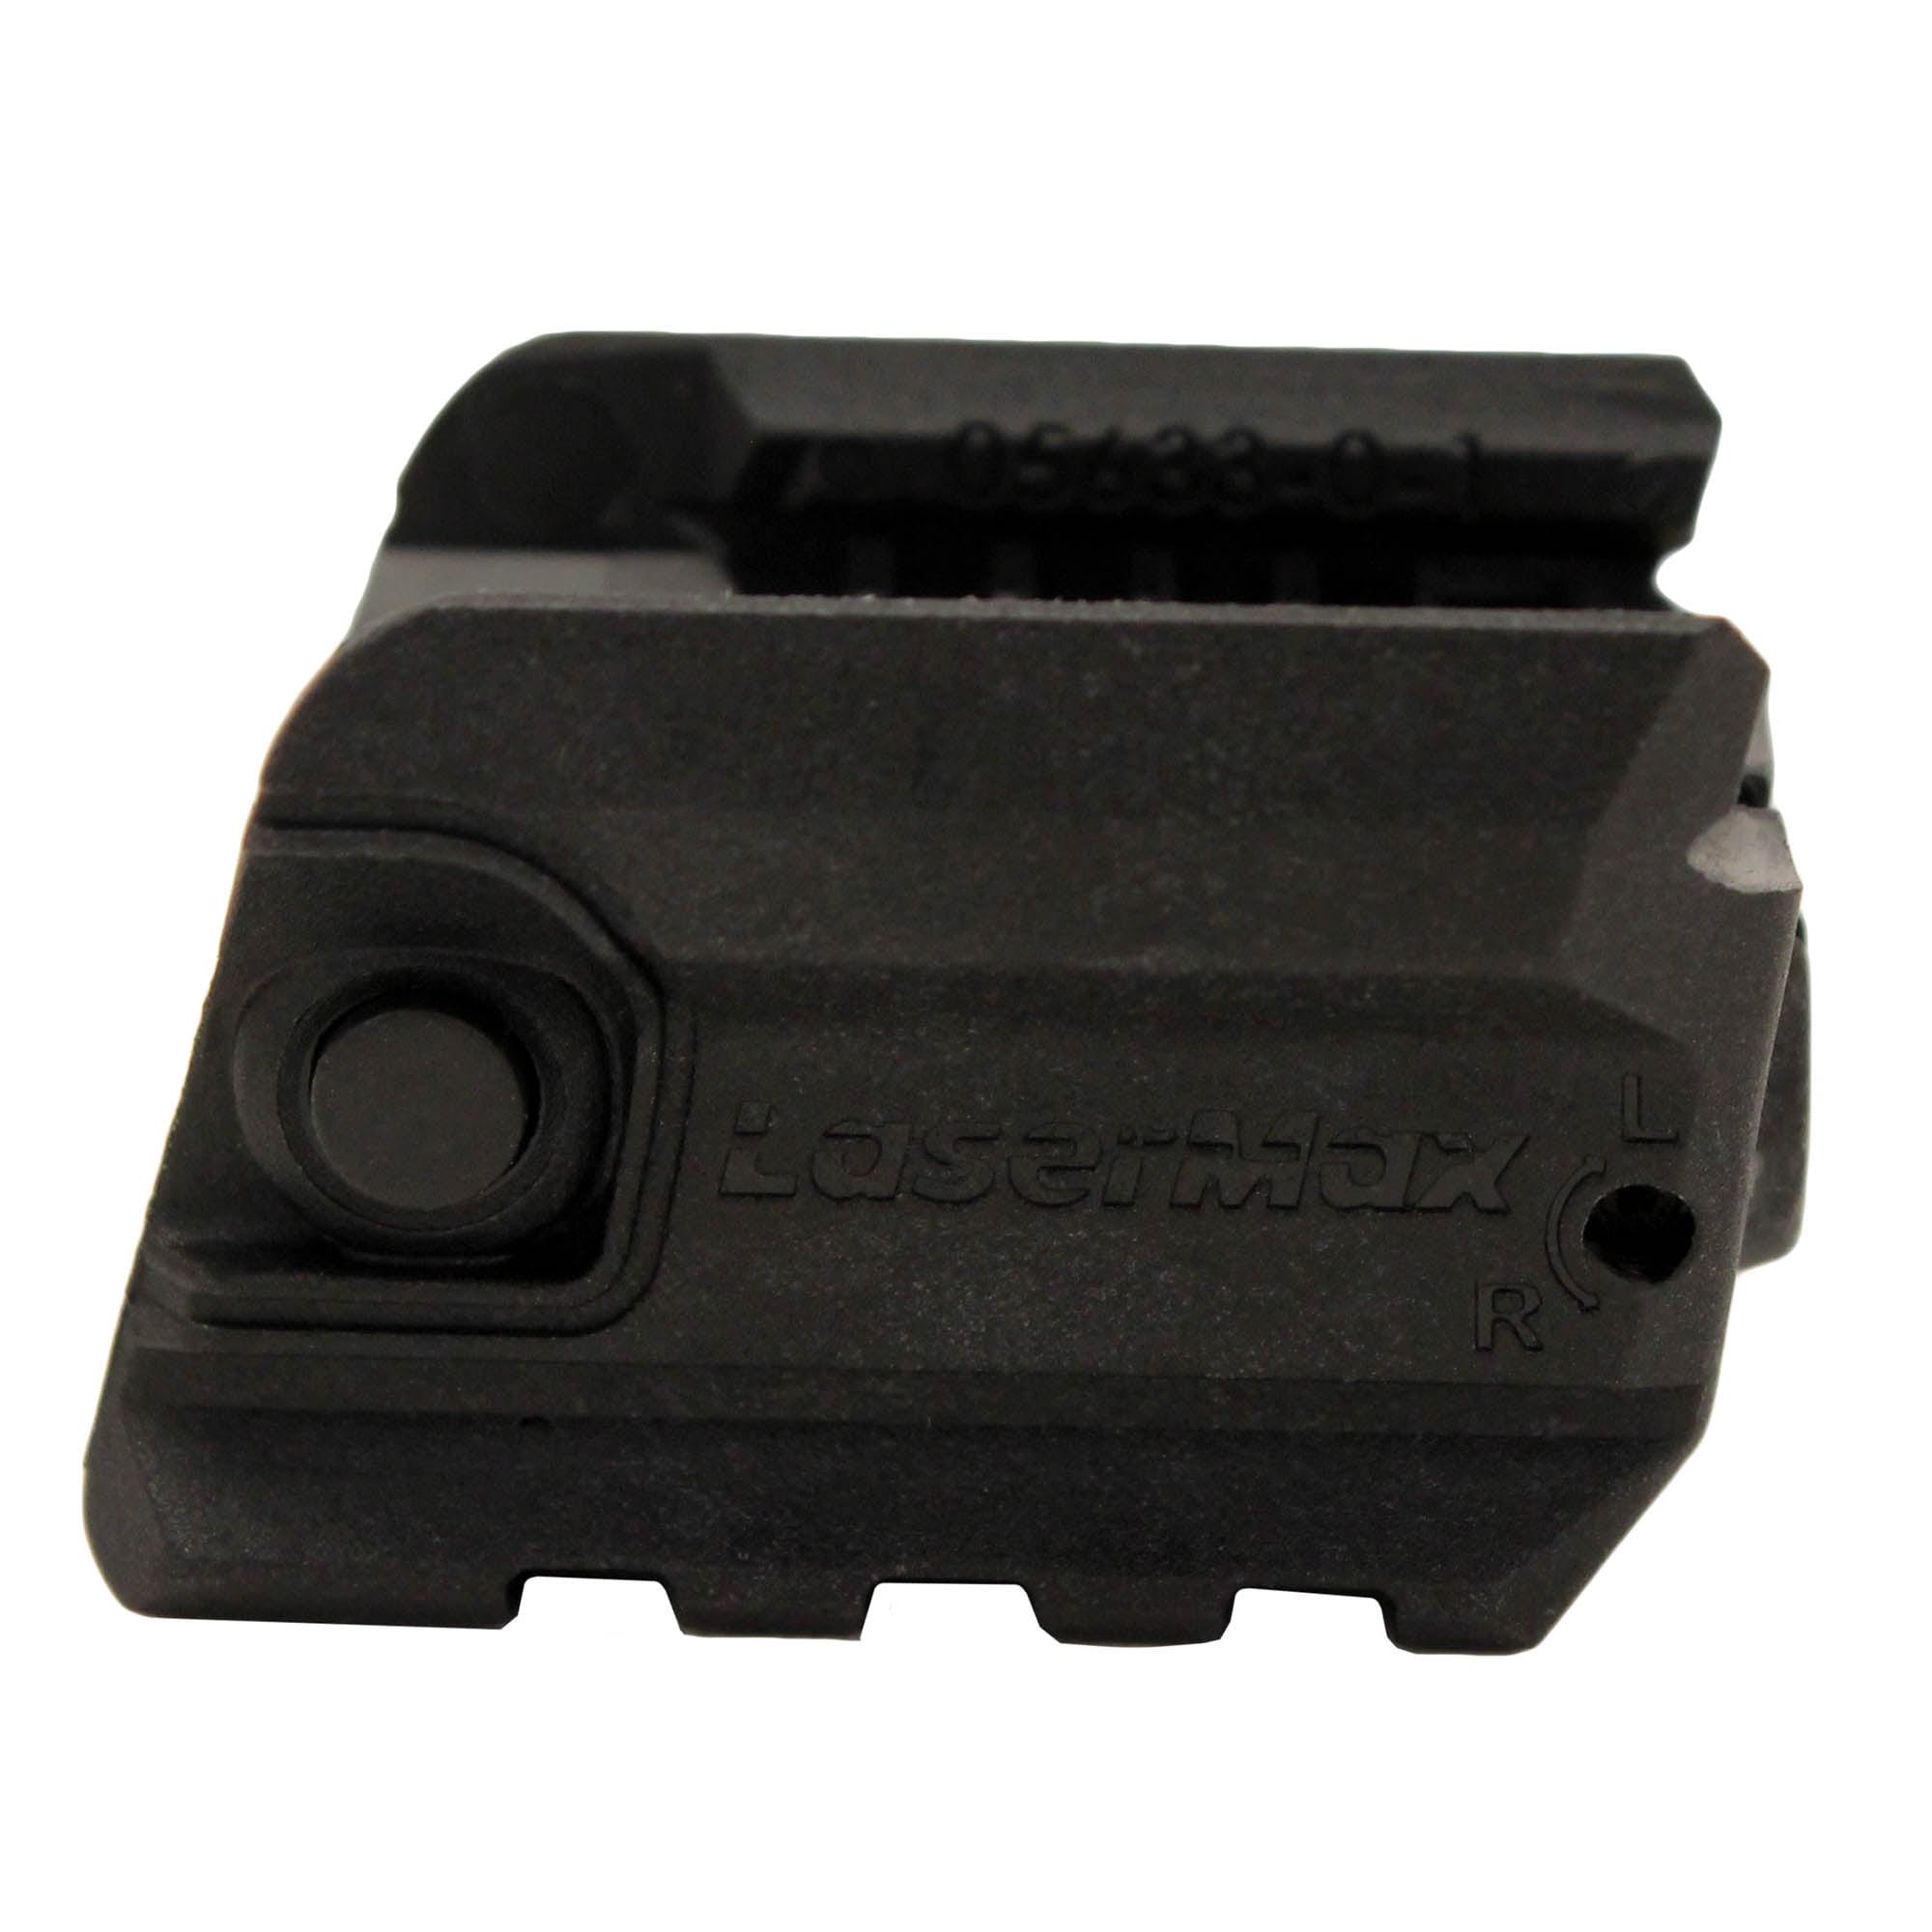 LaserMax Red Laser Sight, Ruger SR22, SR9c, SR40c, Integral Picatinny-Style Mount, Black by LaserMax